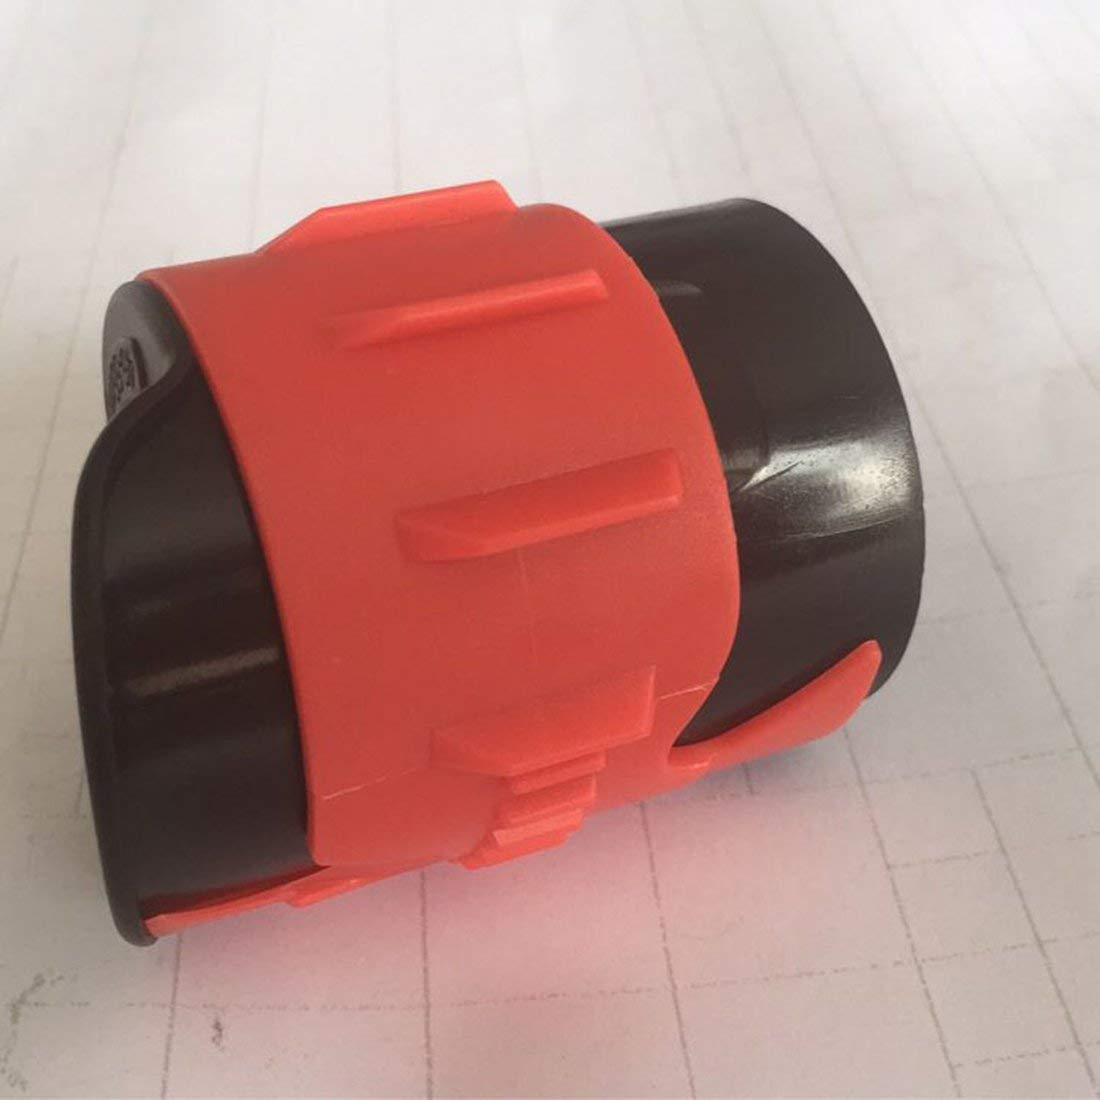 Risk Racing Seal Doctor - Nettoyeur de joints de fourche pour grande fourche - Rouge Formulaone